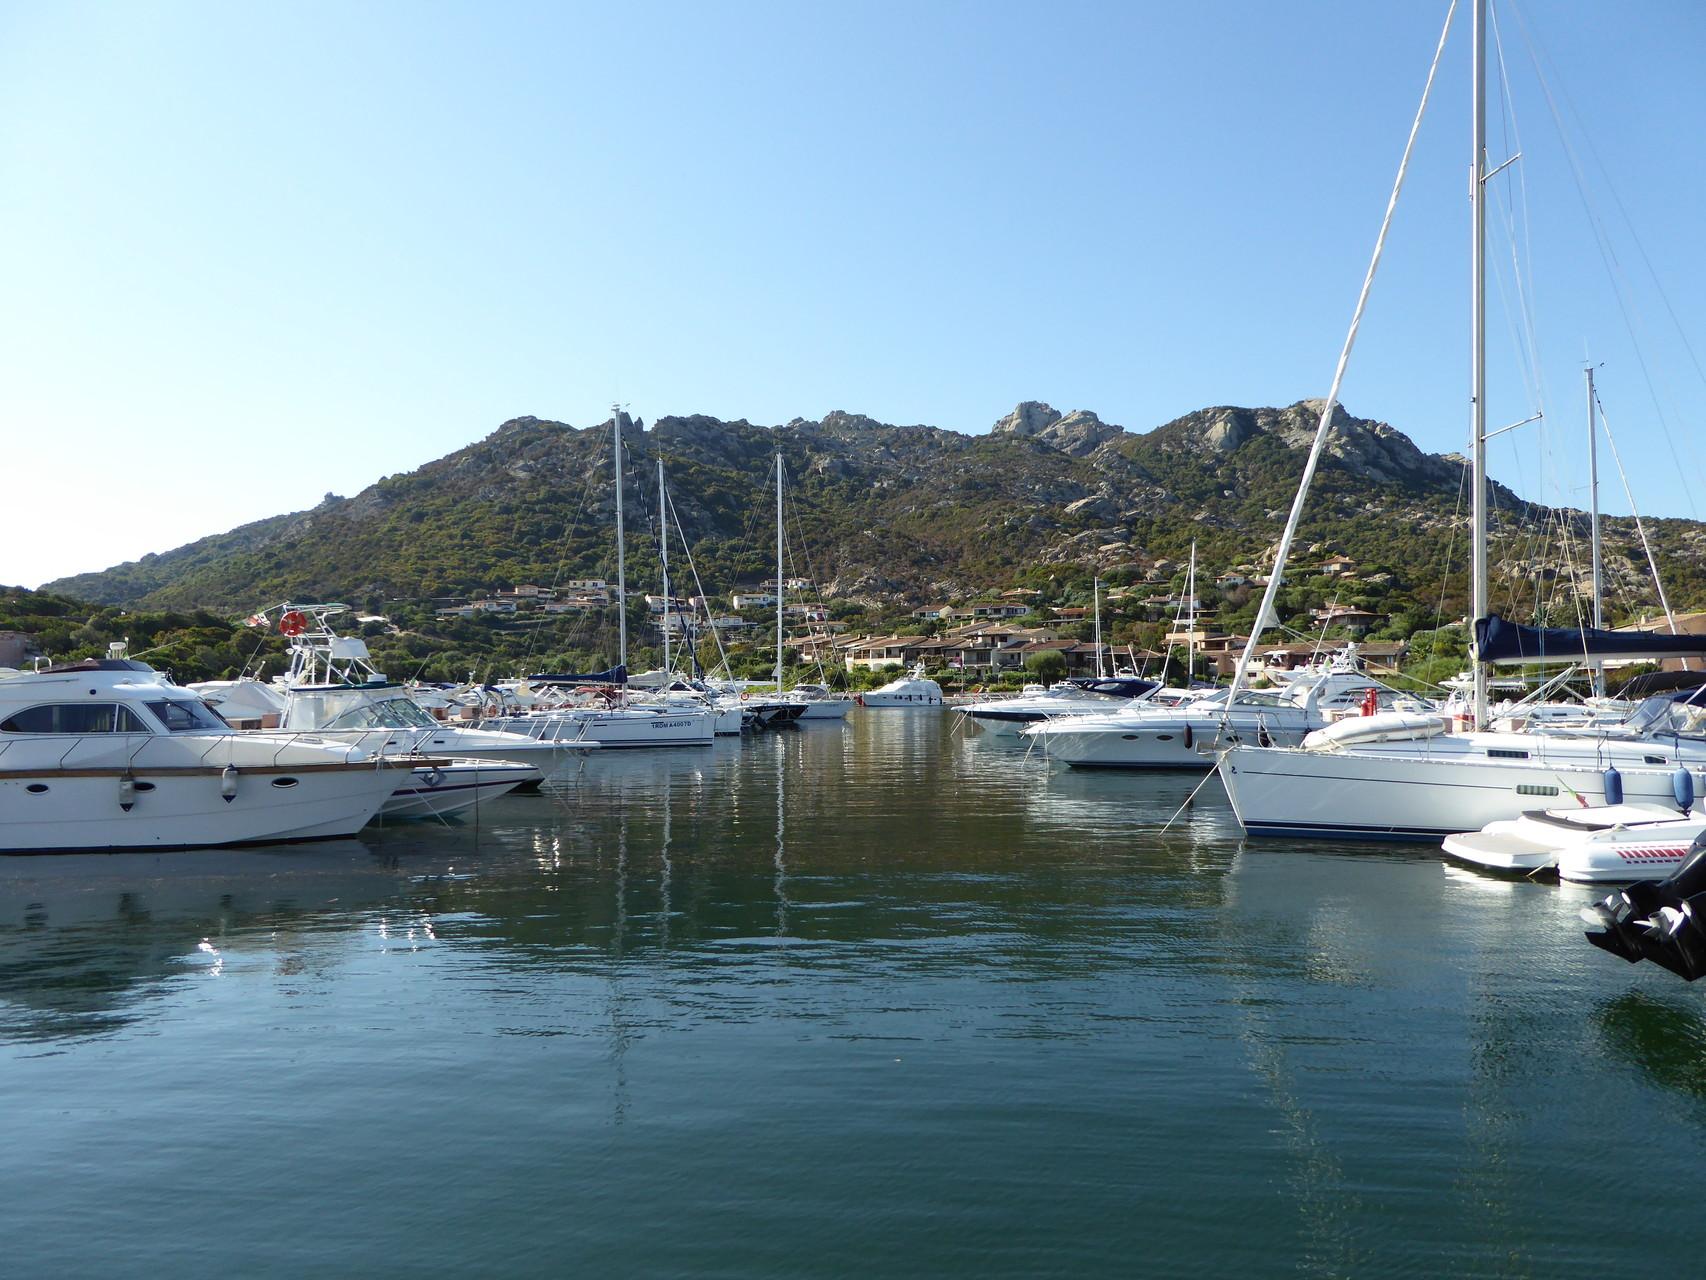 Idylle und entspannte Ruhe am Yachthafen in Porto Cervo - die Vorteile der Nachsaison.